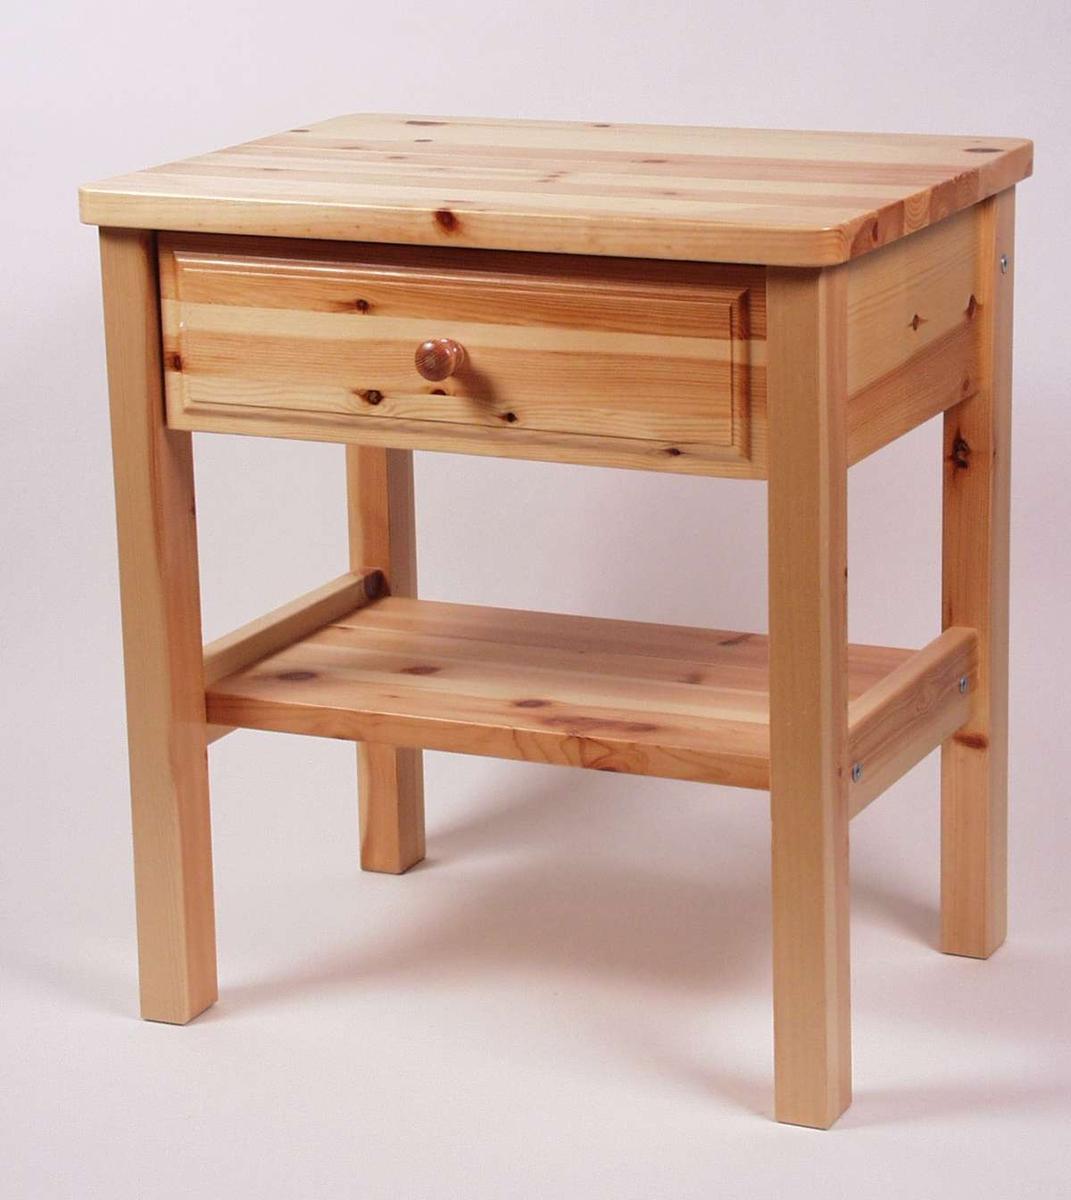 Nattbord i lakkert furu med skuff og hylle nederst. Bordplaten har avrunda hjørner og fronten har utfreste detaljer.